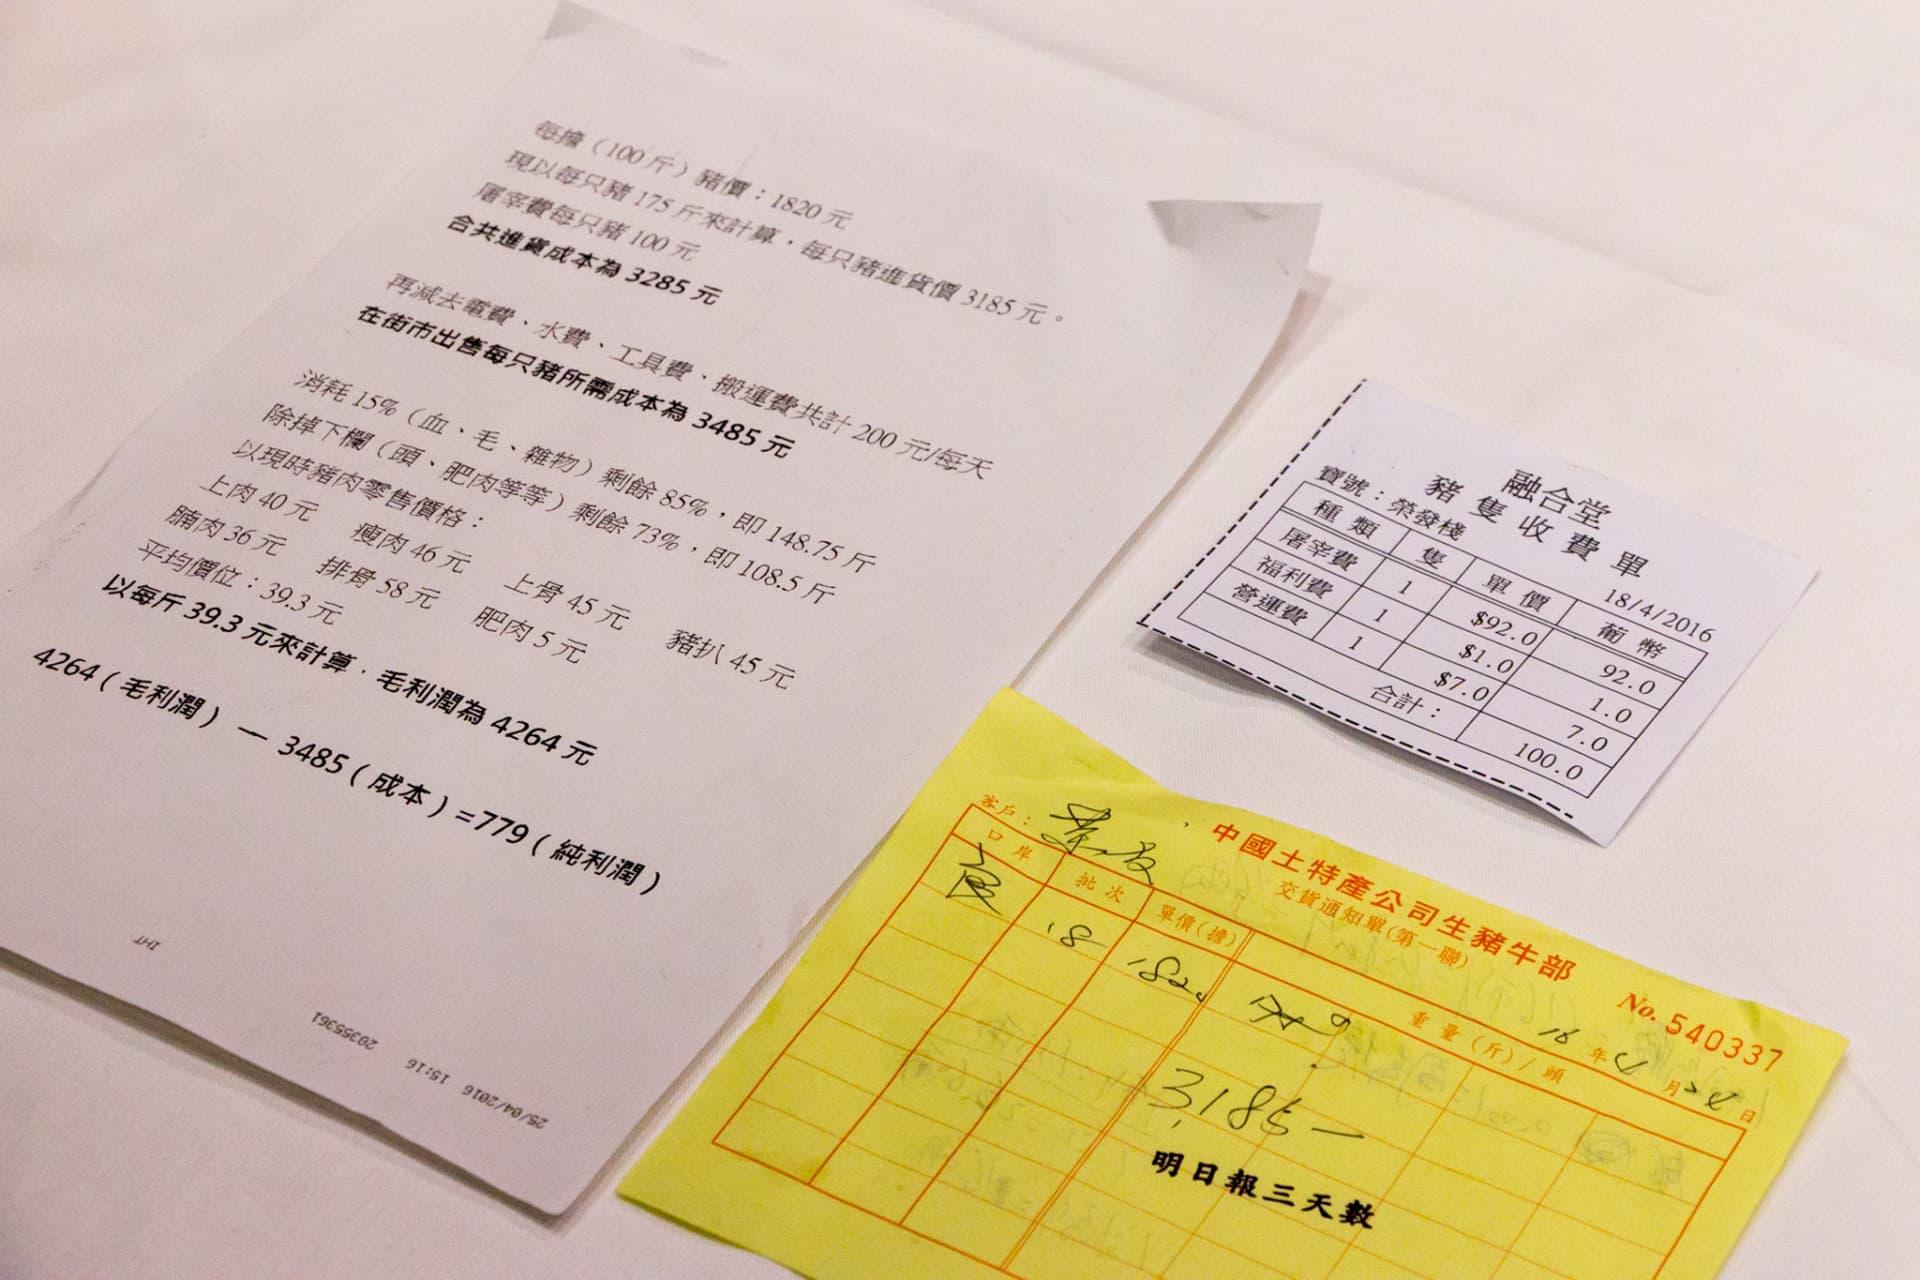 郭樹平稱,每賣出一隻活豬,肉販只能賺取779元。 (註:圖中重量單位為司馬斤,每一司馬斤等於0.605公斤)